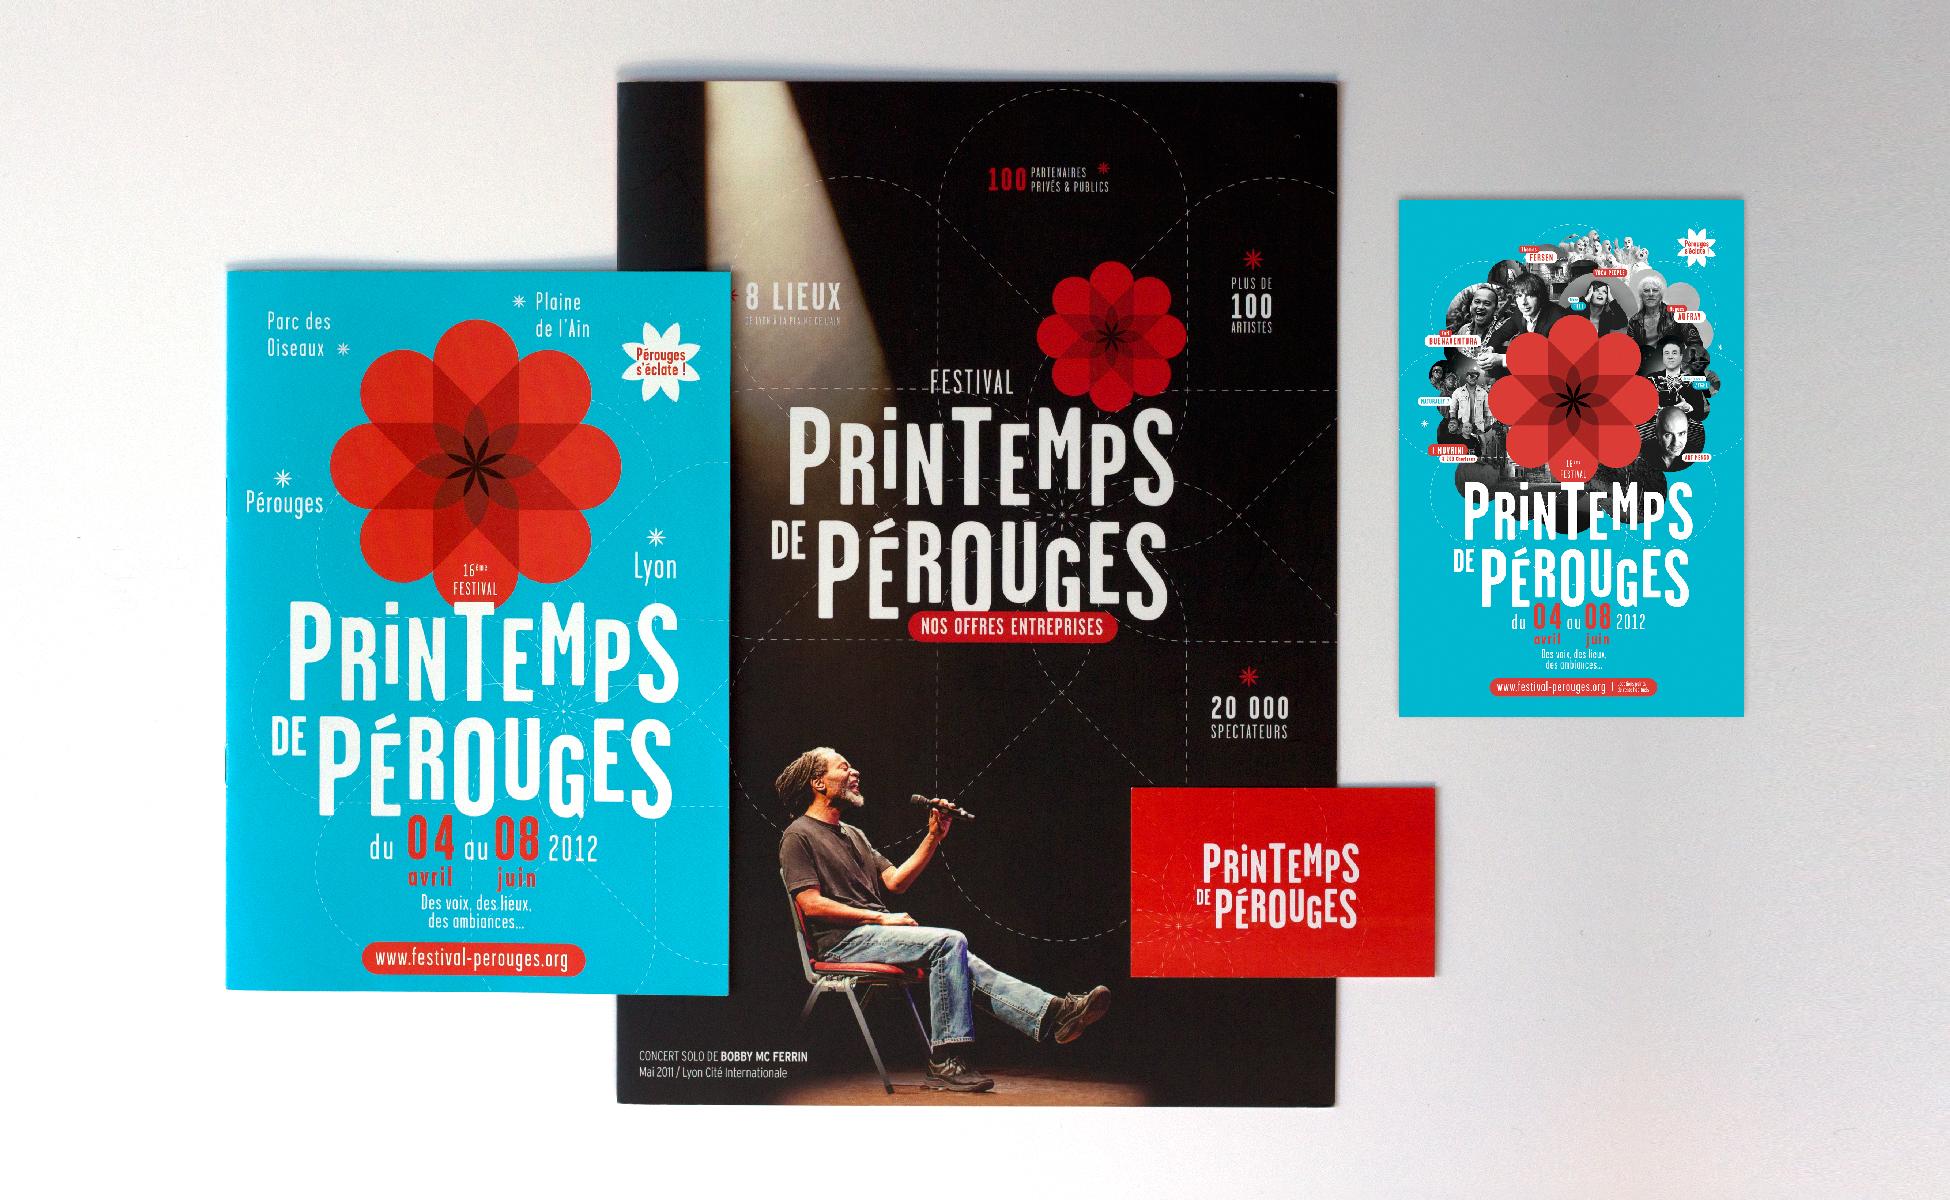 Création des affiches, foyers, programme du festival du printemps de pérouges